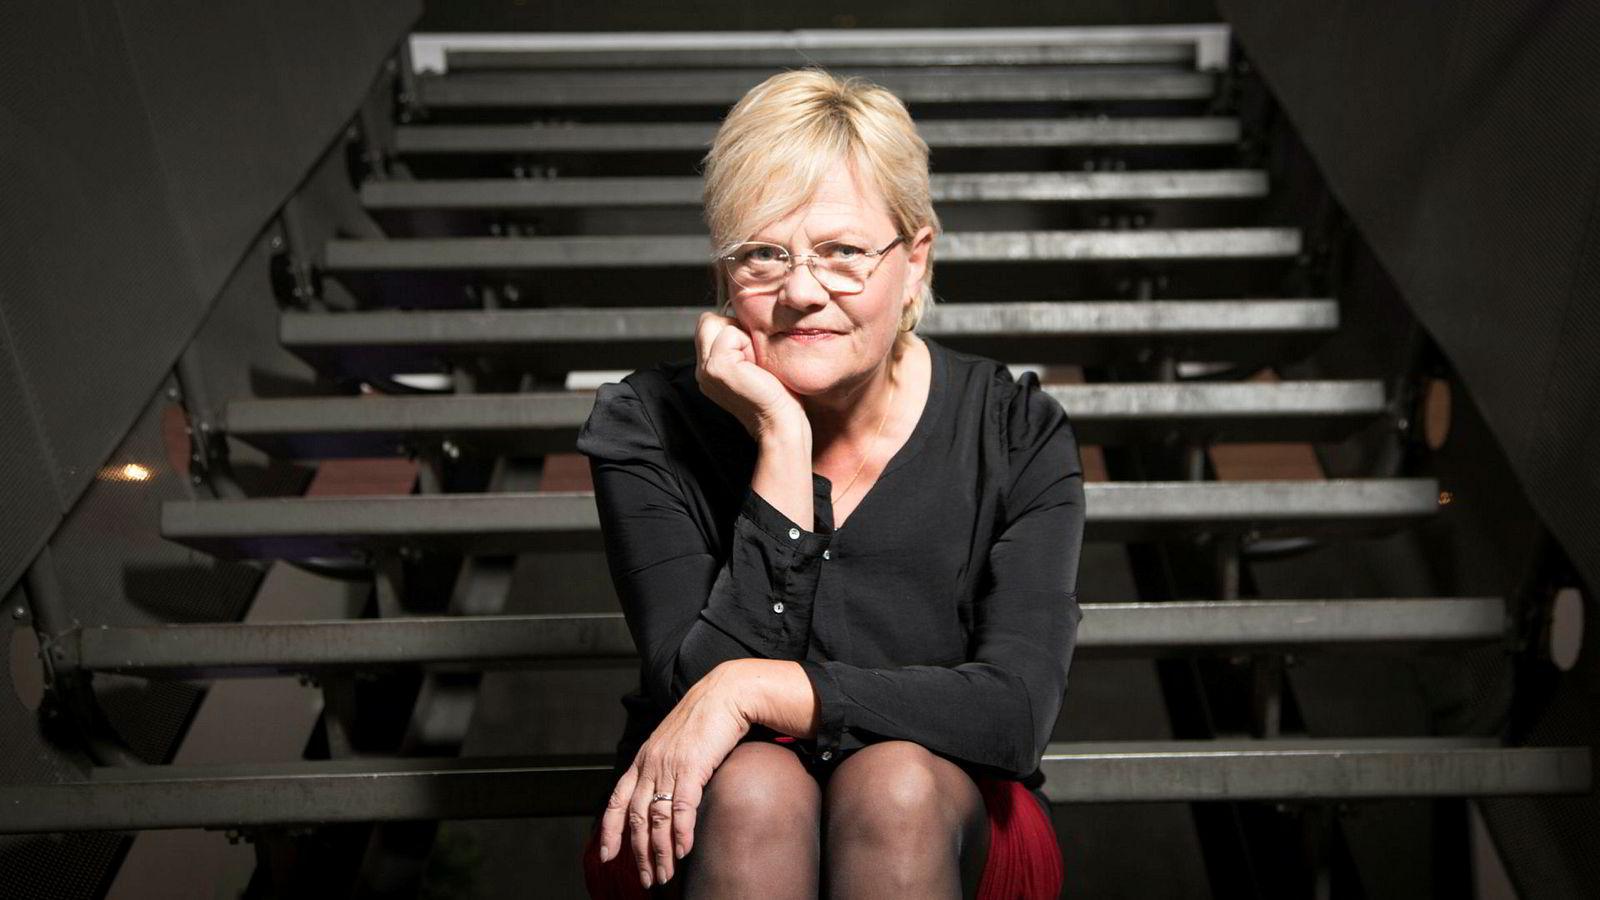 Tidligere finansminister Kristin Halvorsen har ikke tidligere opplevd at statsministeren tar til orde for å føre investeringer «under streken».